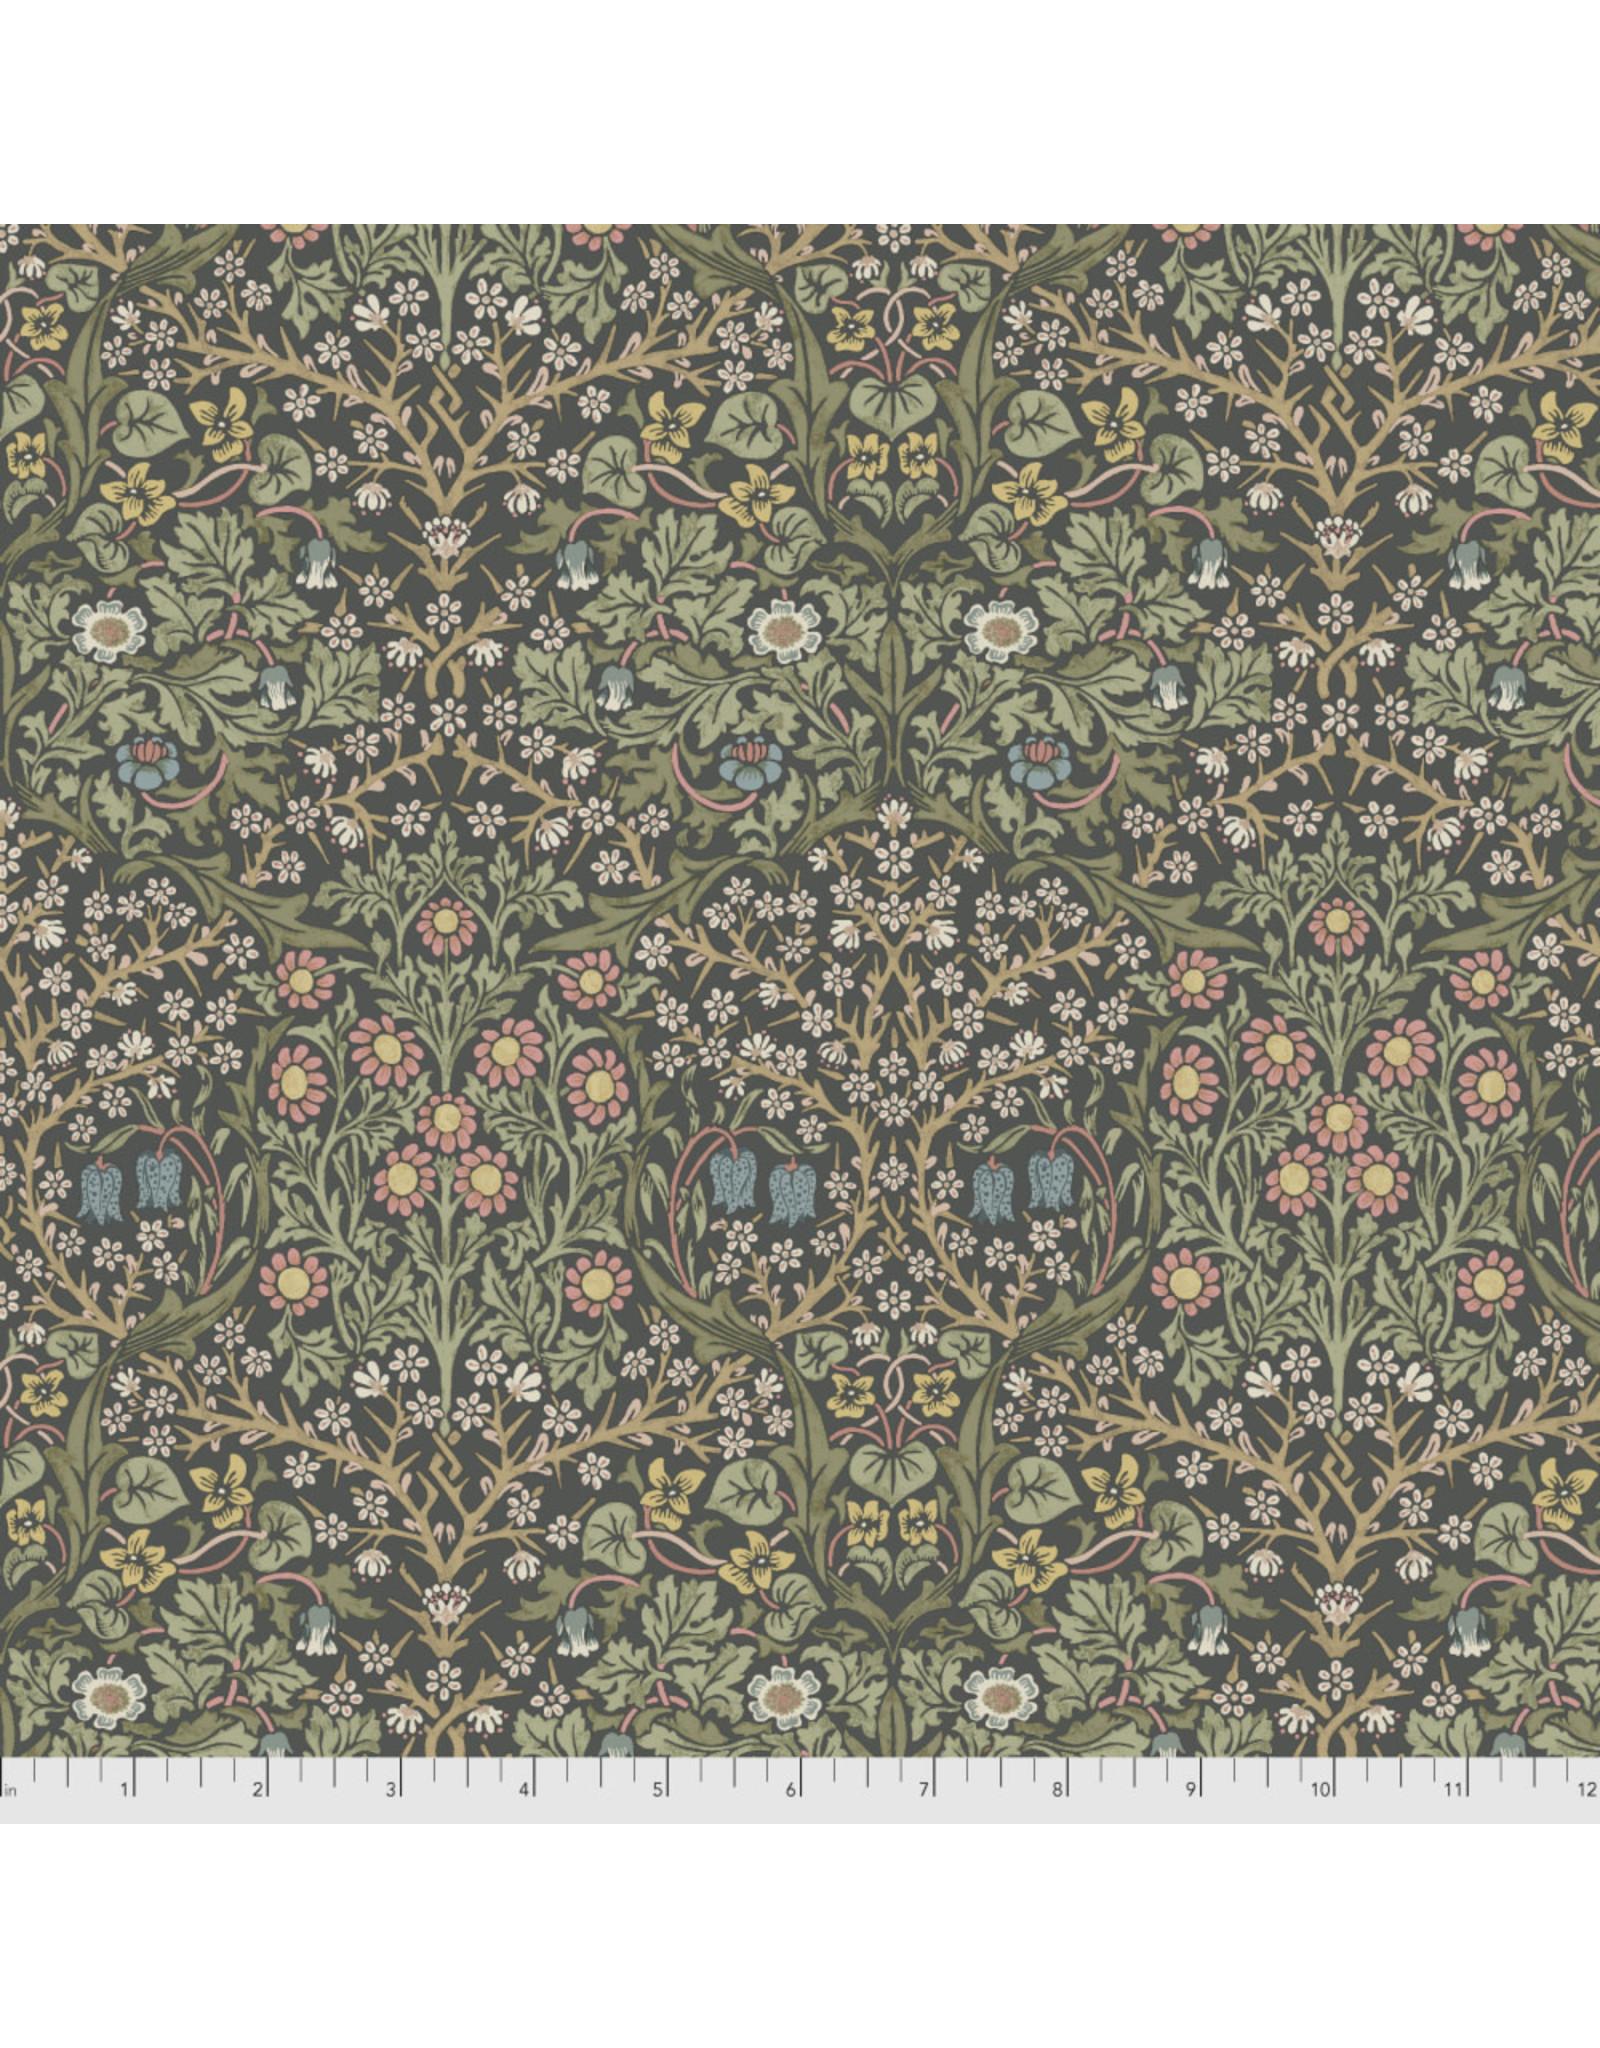 PD's William Morris Collection Morris & Co., Granada, Granada in Charcoal, Dinner Napkin